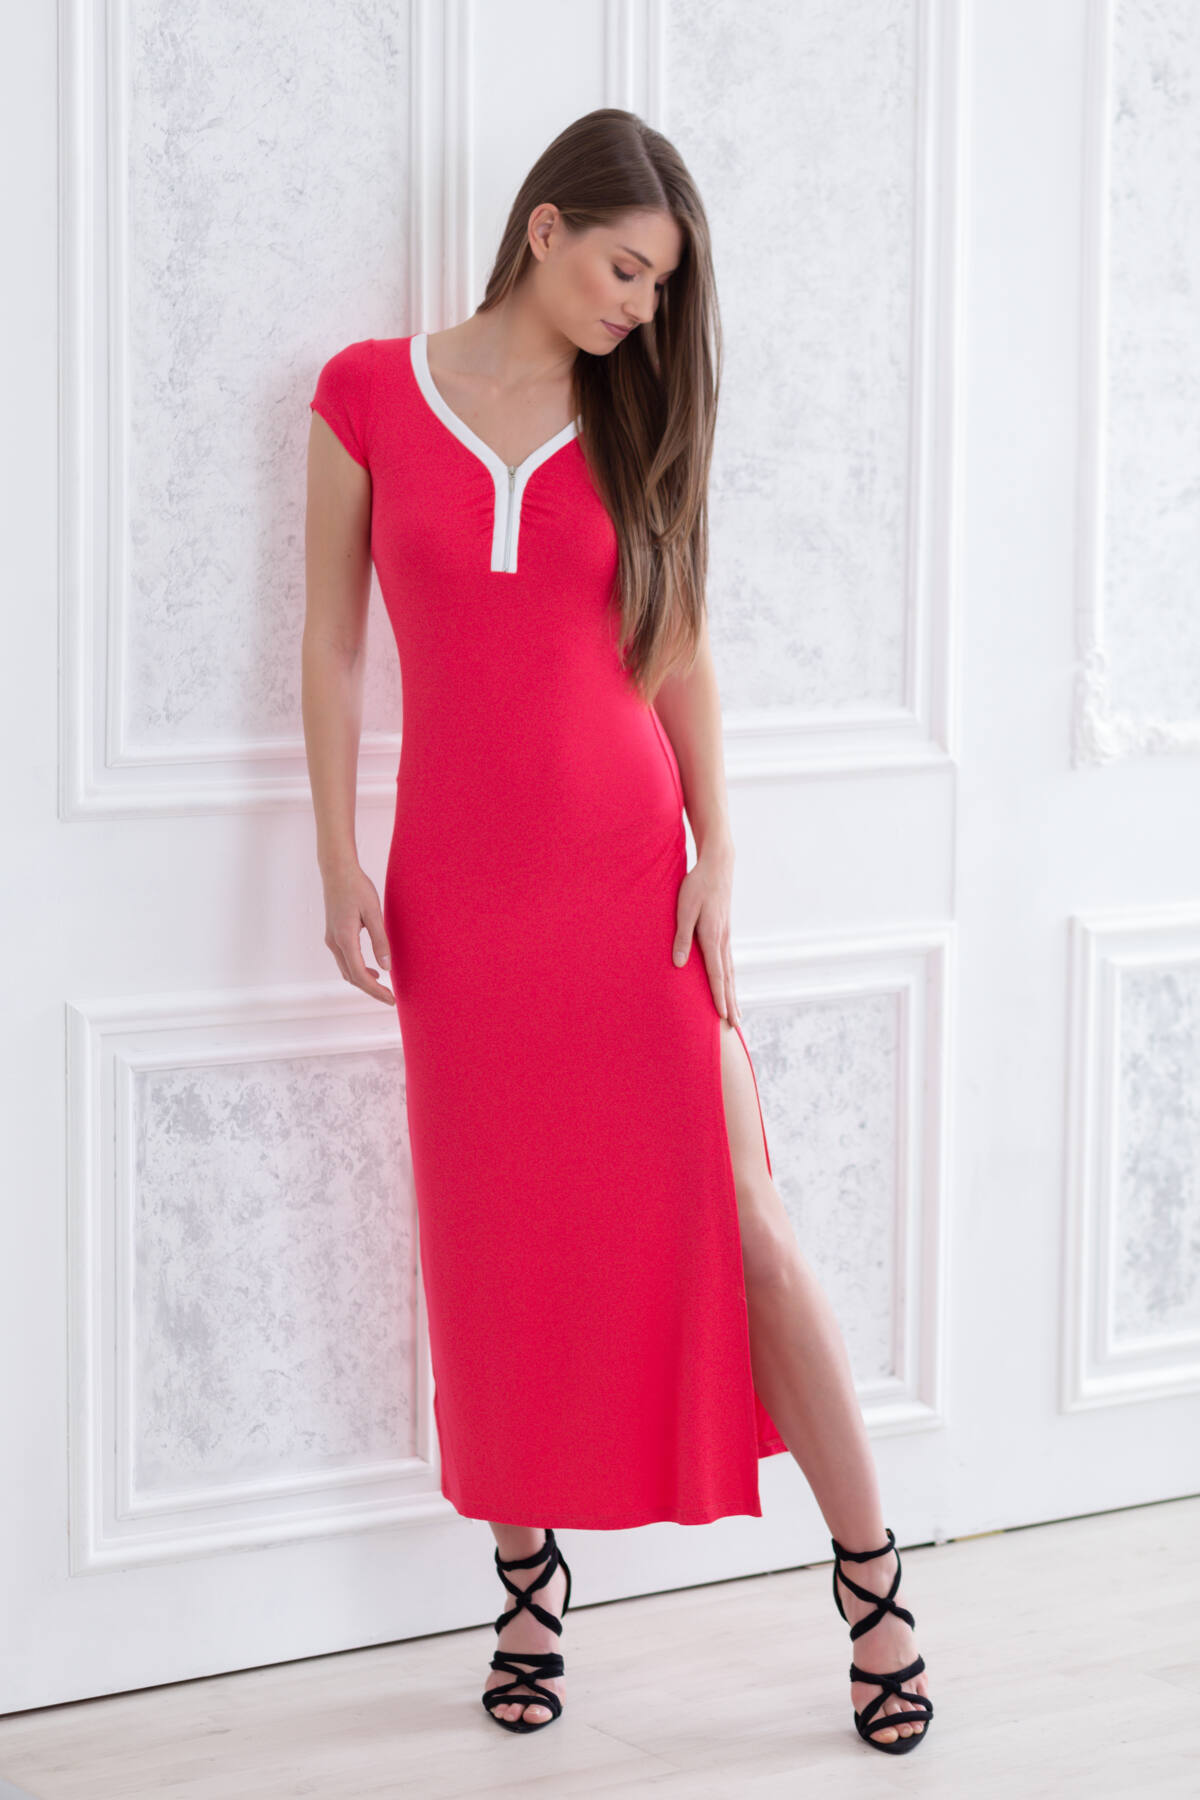 e87556365b Elöl cipzáros Maxi ruha - piros - RUHÁK - Blue Nature webshop